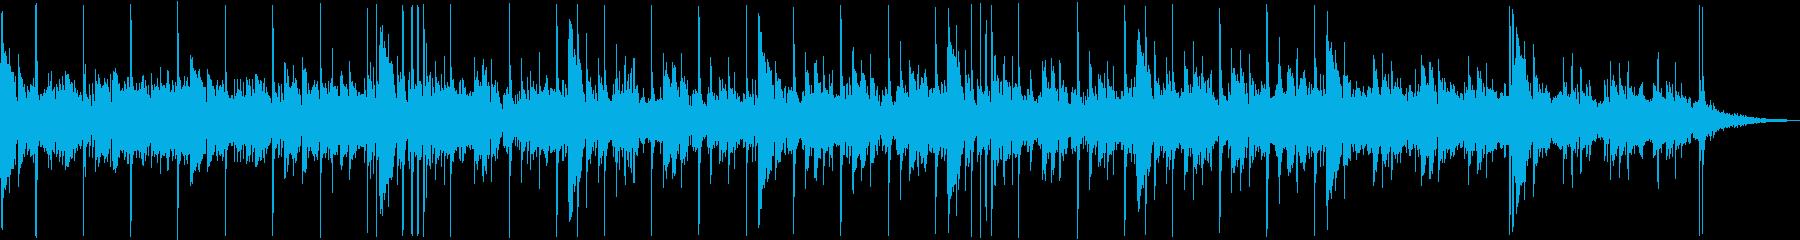 ギターのアルペジオと深いリバーブの掛か…の再生済みの波形